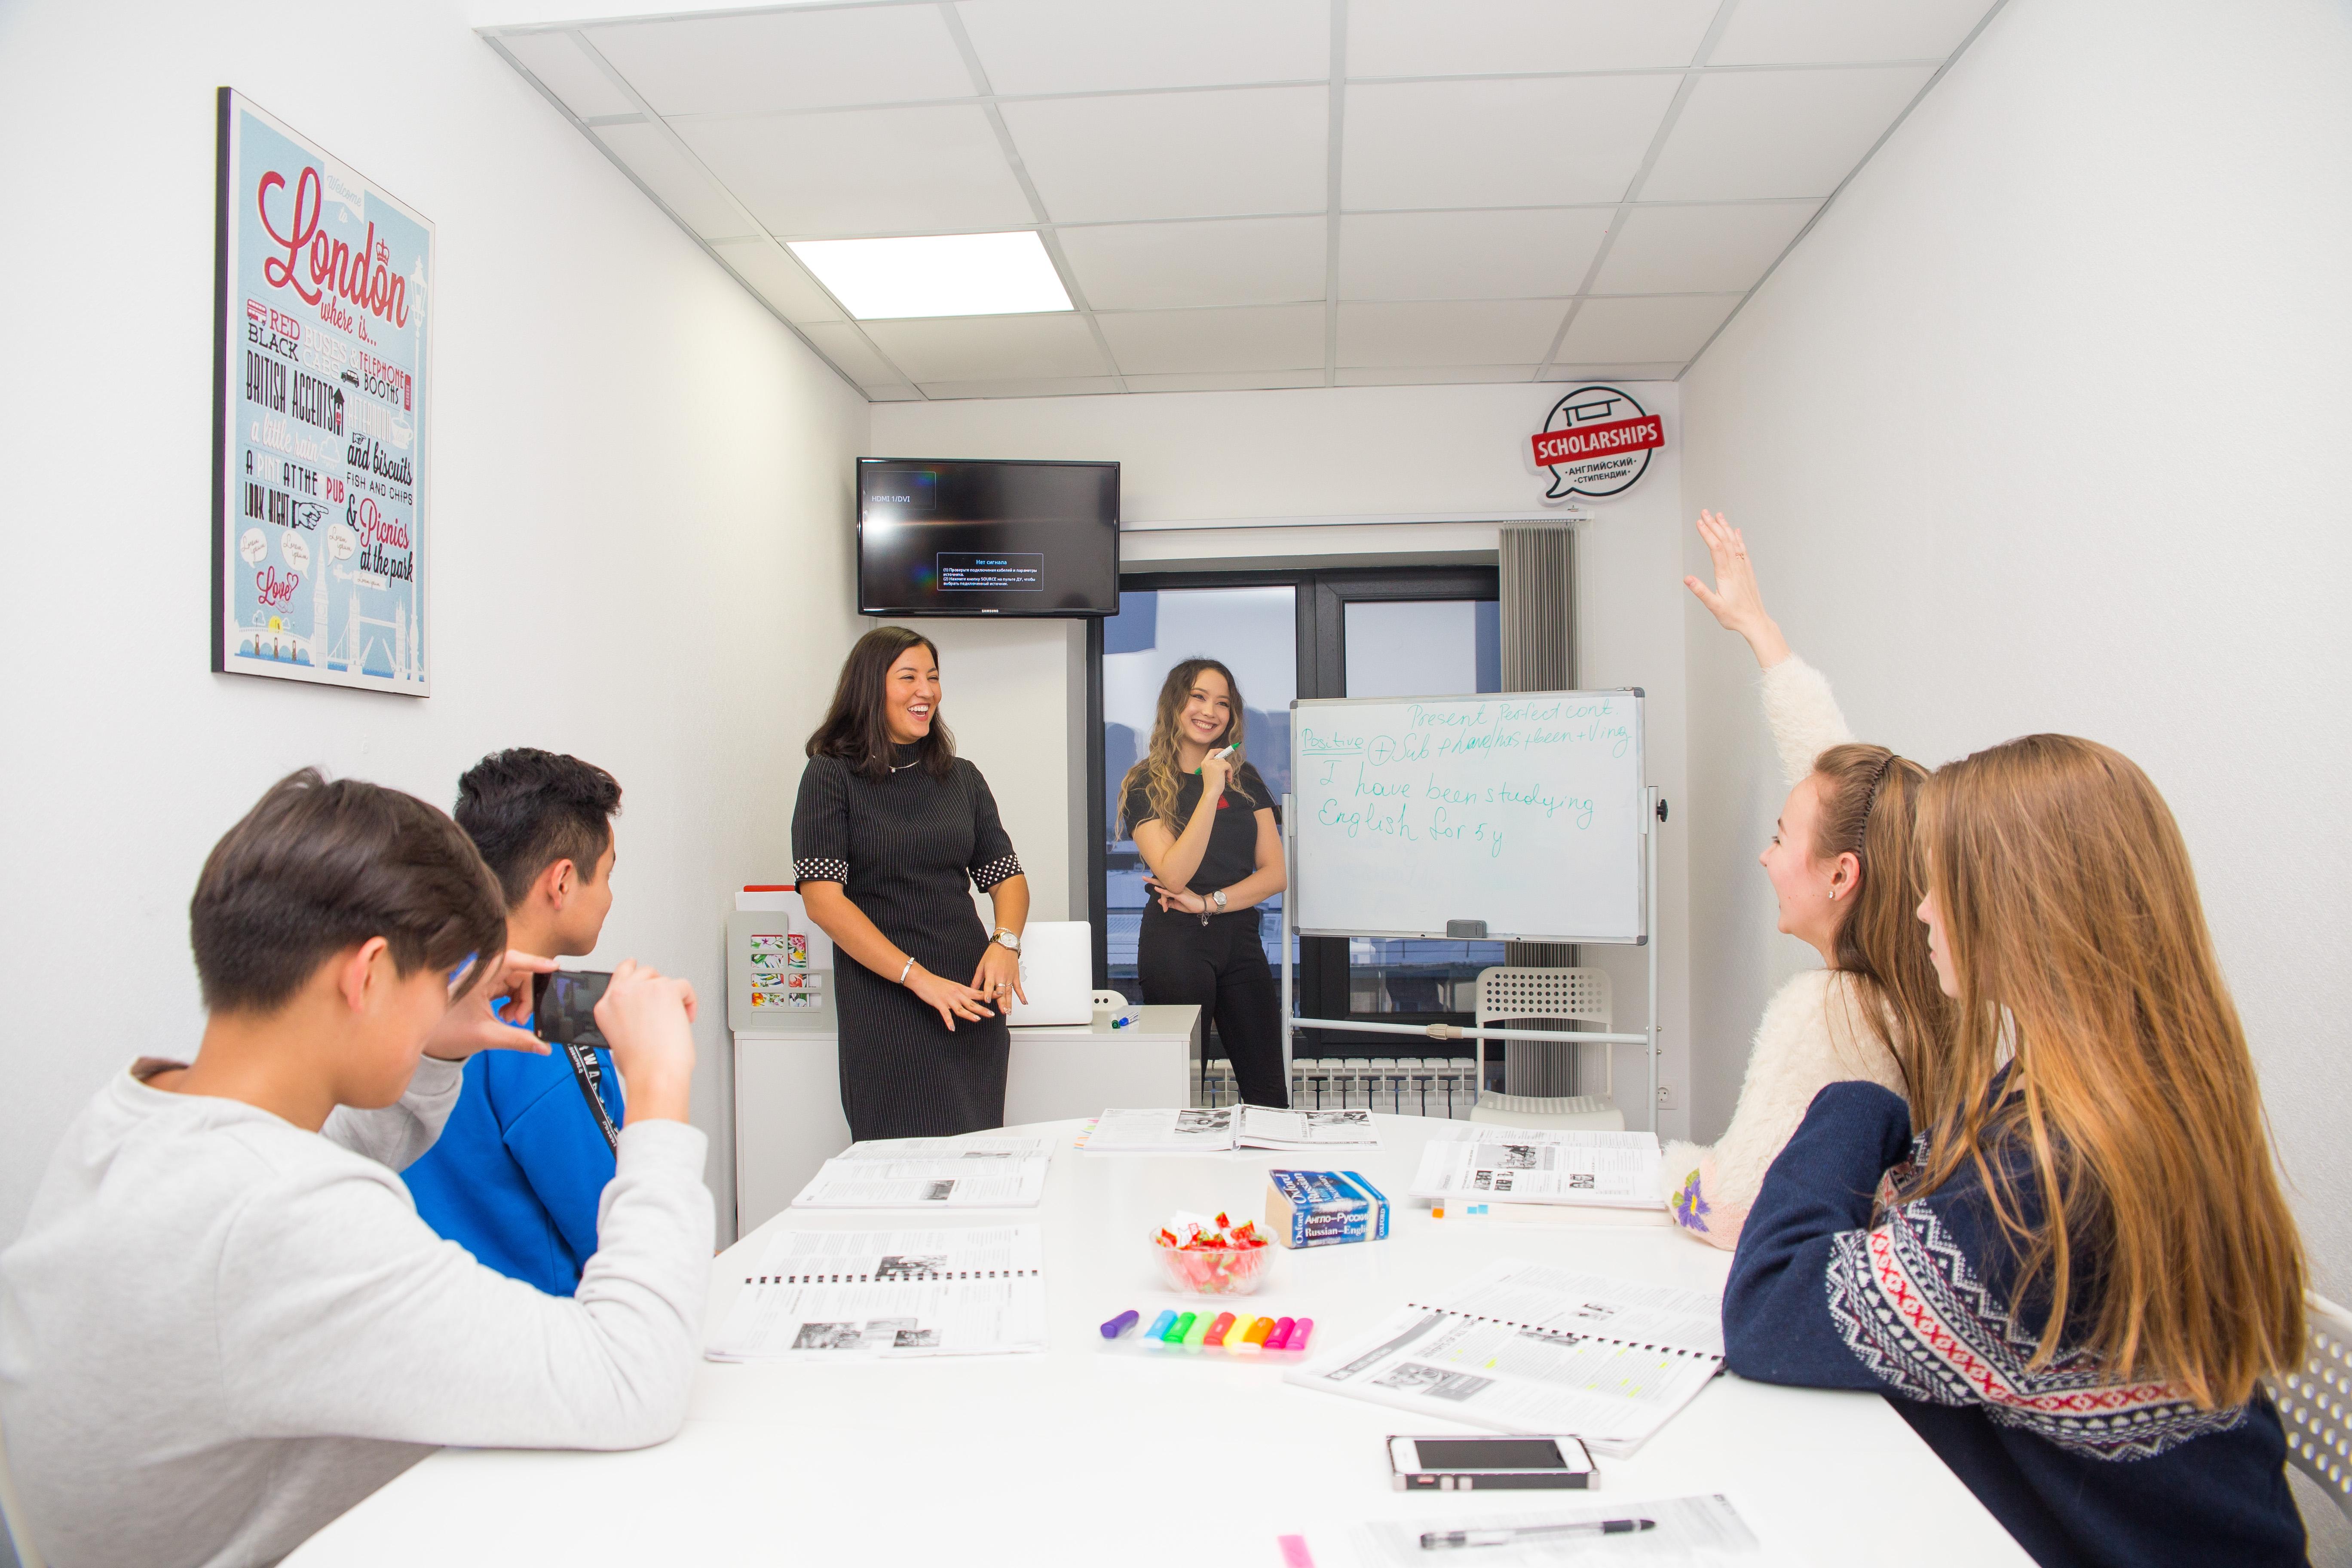 Офисы удобно расположены и комфортны для занятий.Светлые уютные кабинеты с панорамными окнами, оборудованные ЖК экранами и всем необходимым для изучения языка.